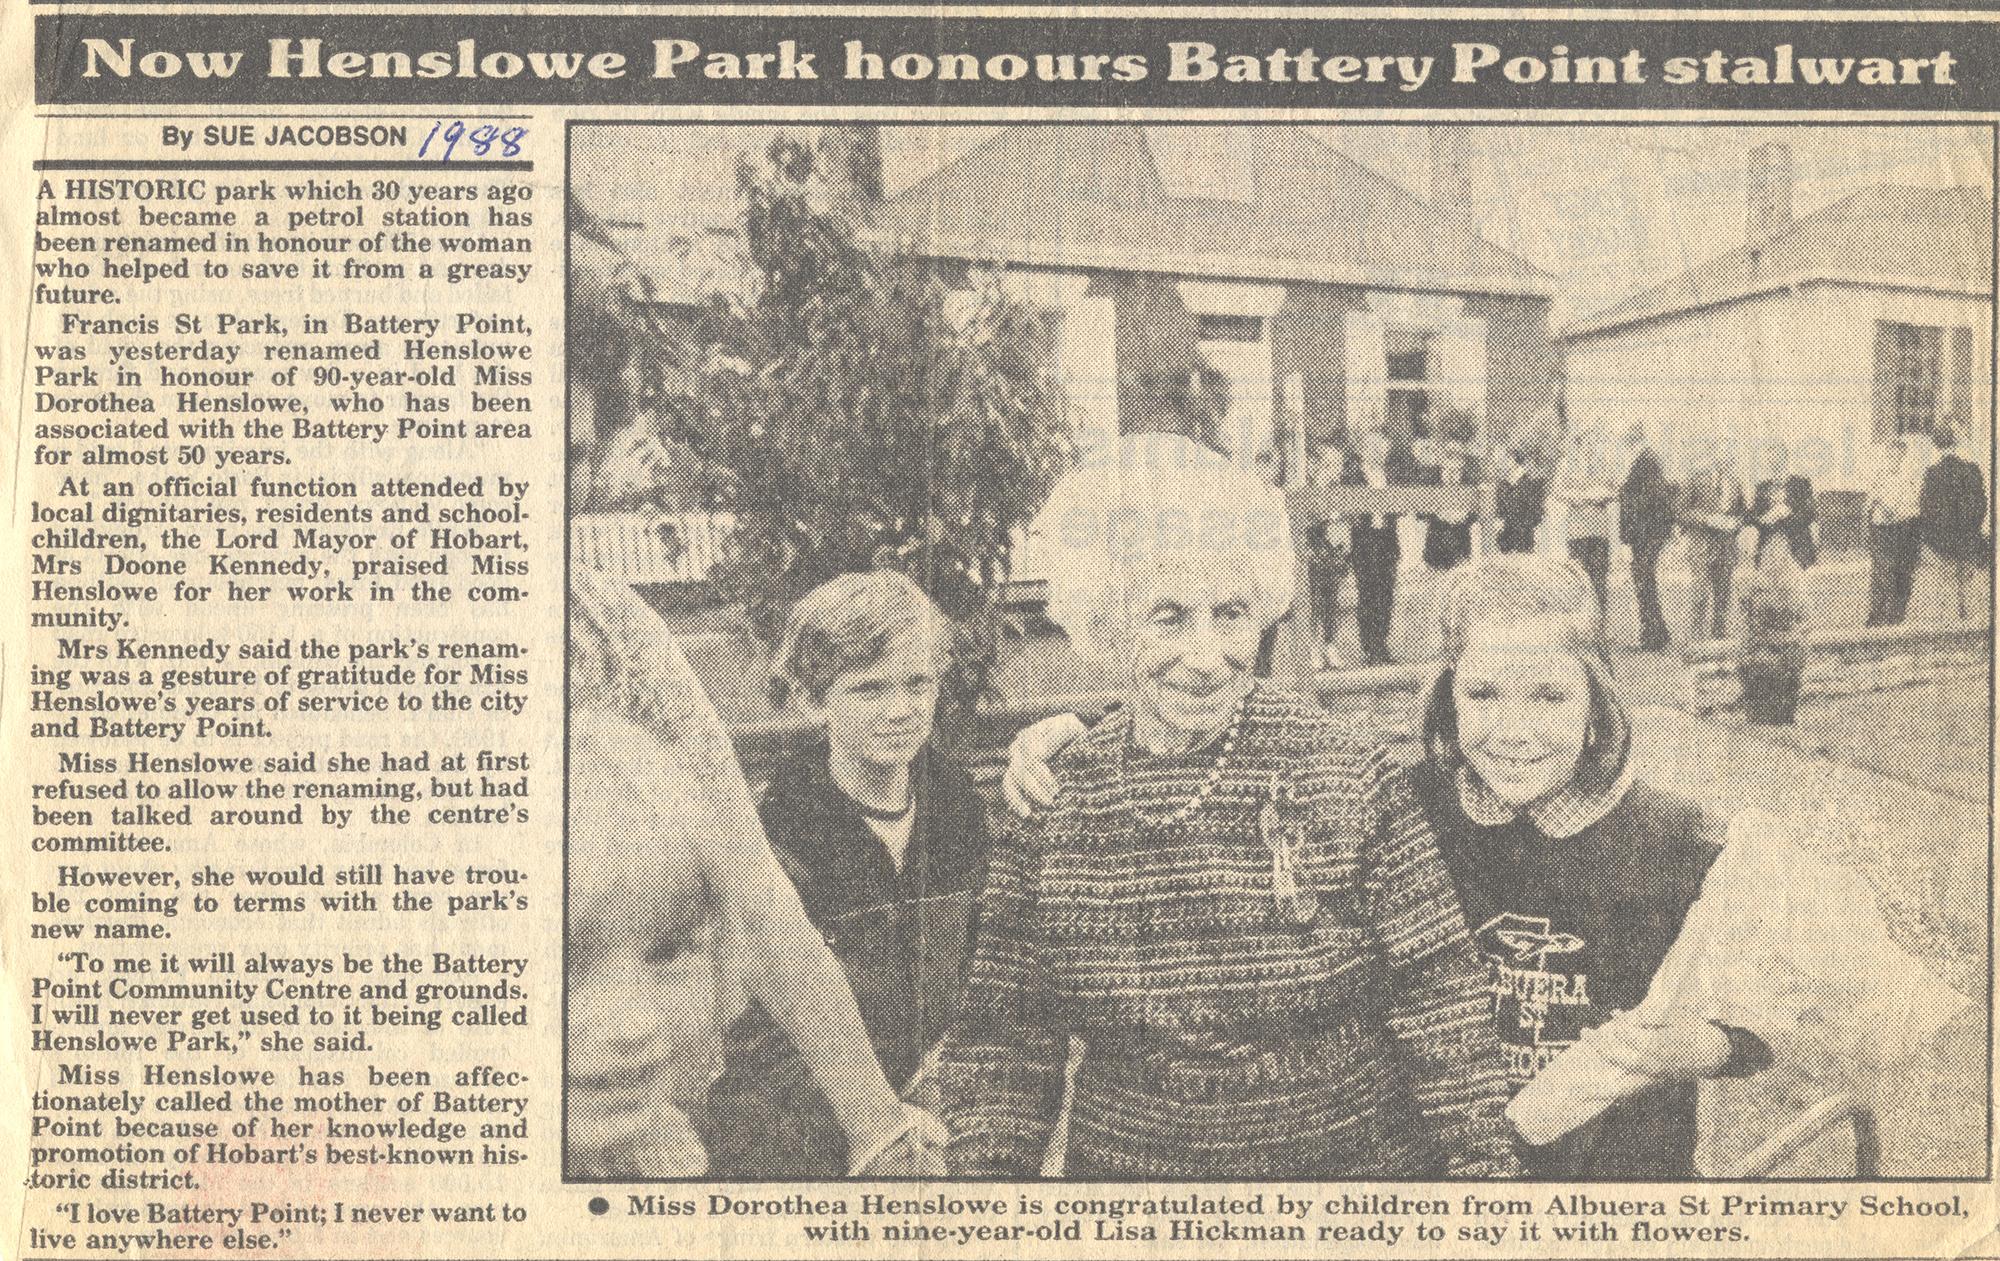 Henslowe Park named